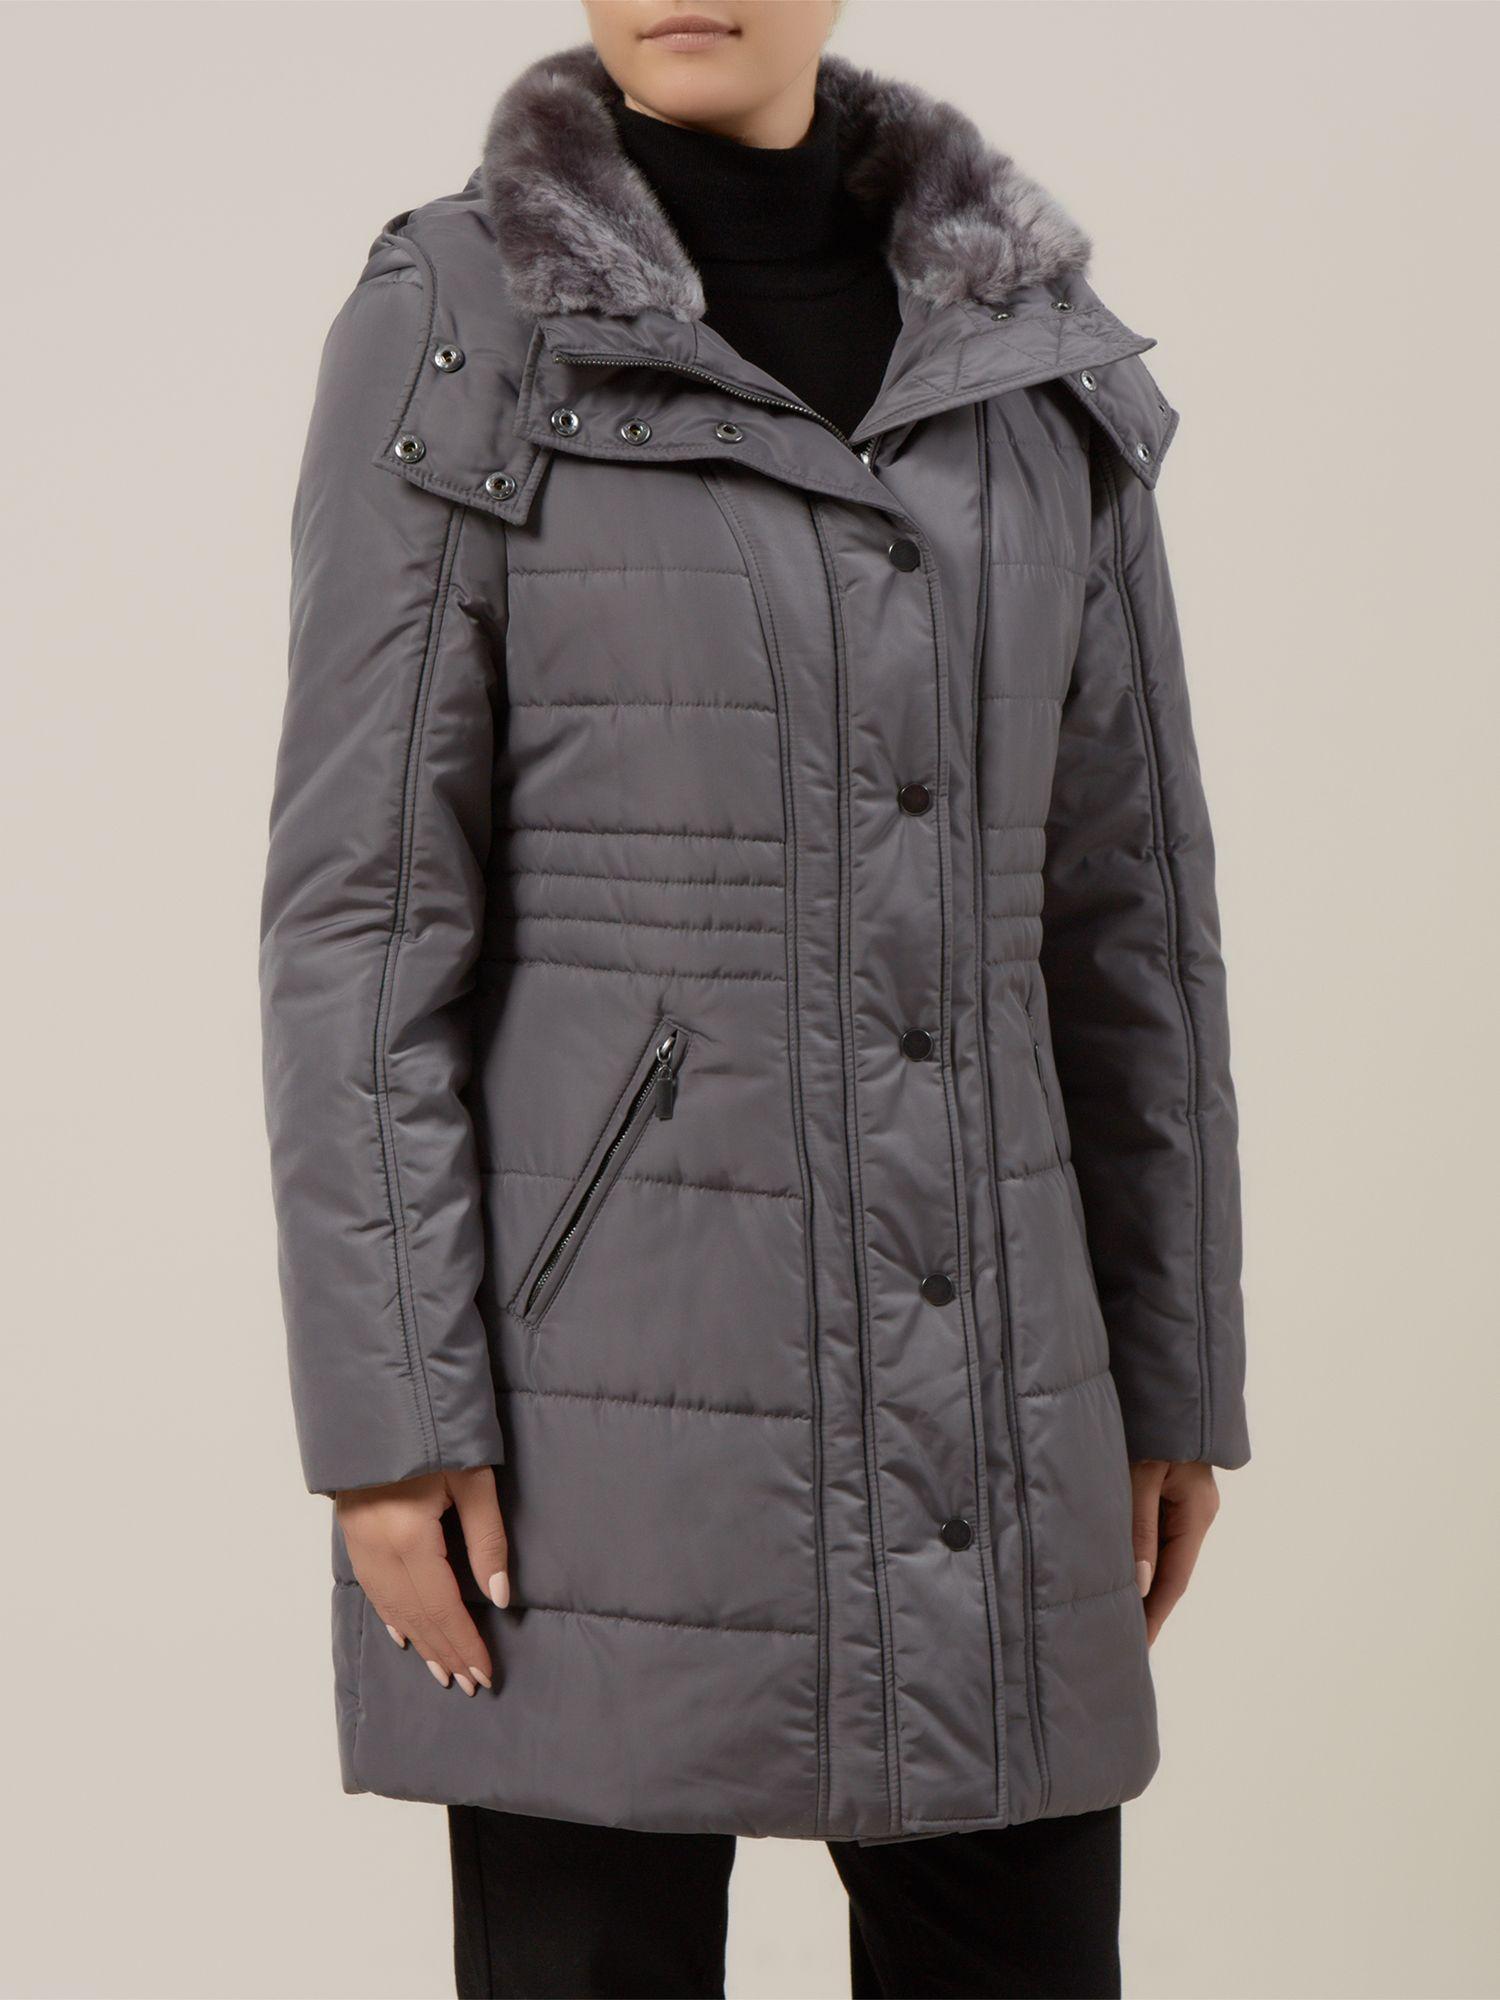 Minuet Petite Coats Han Coats